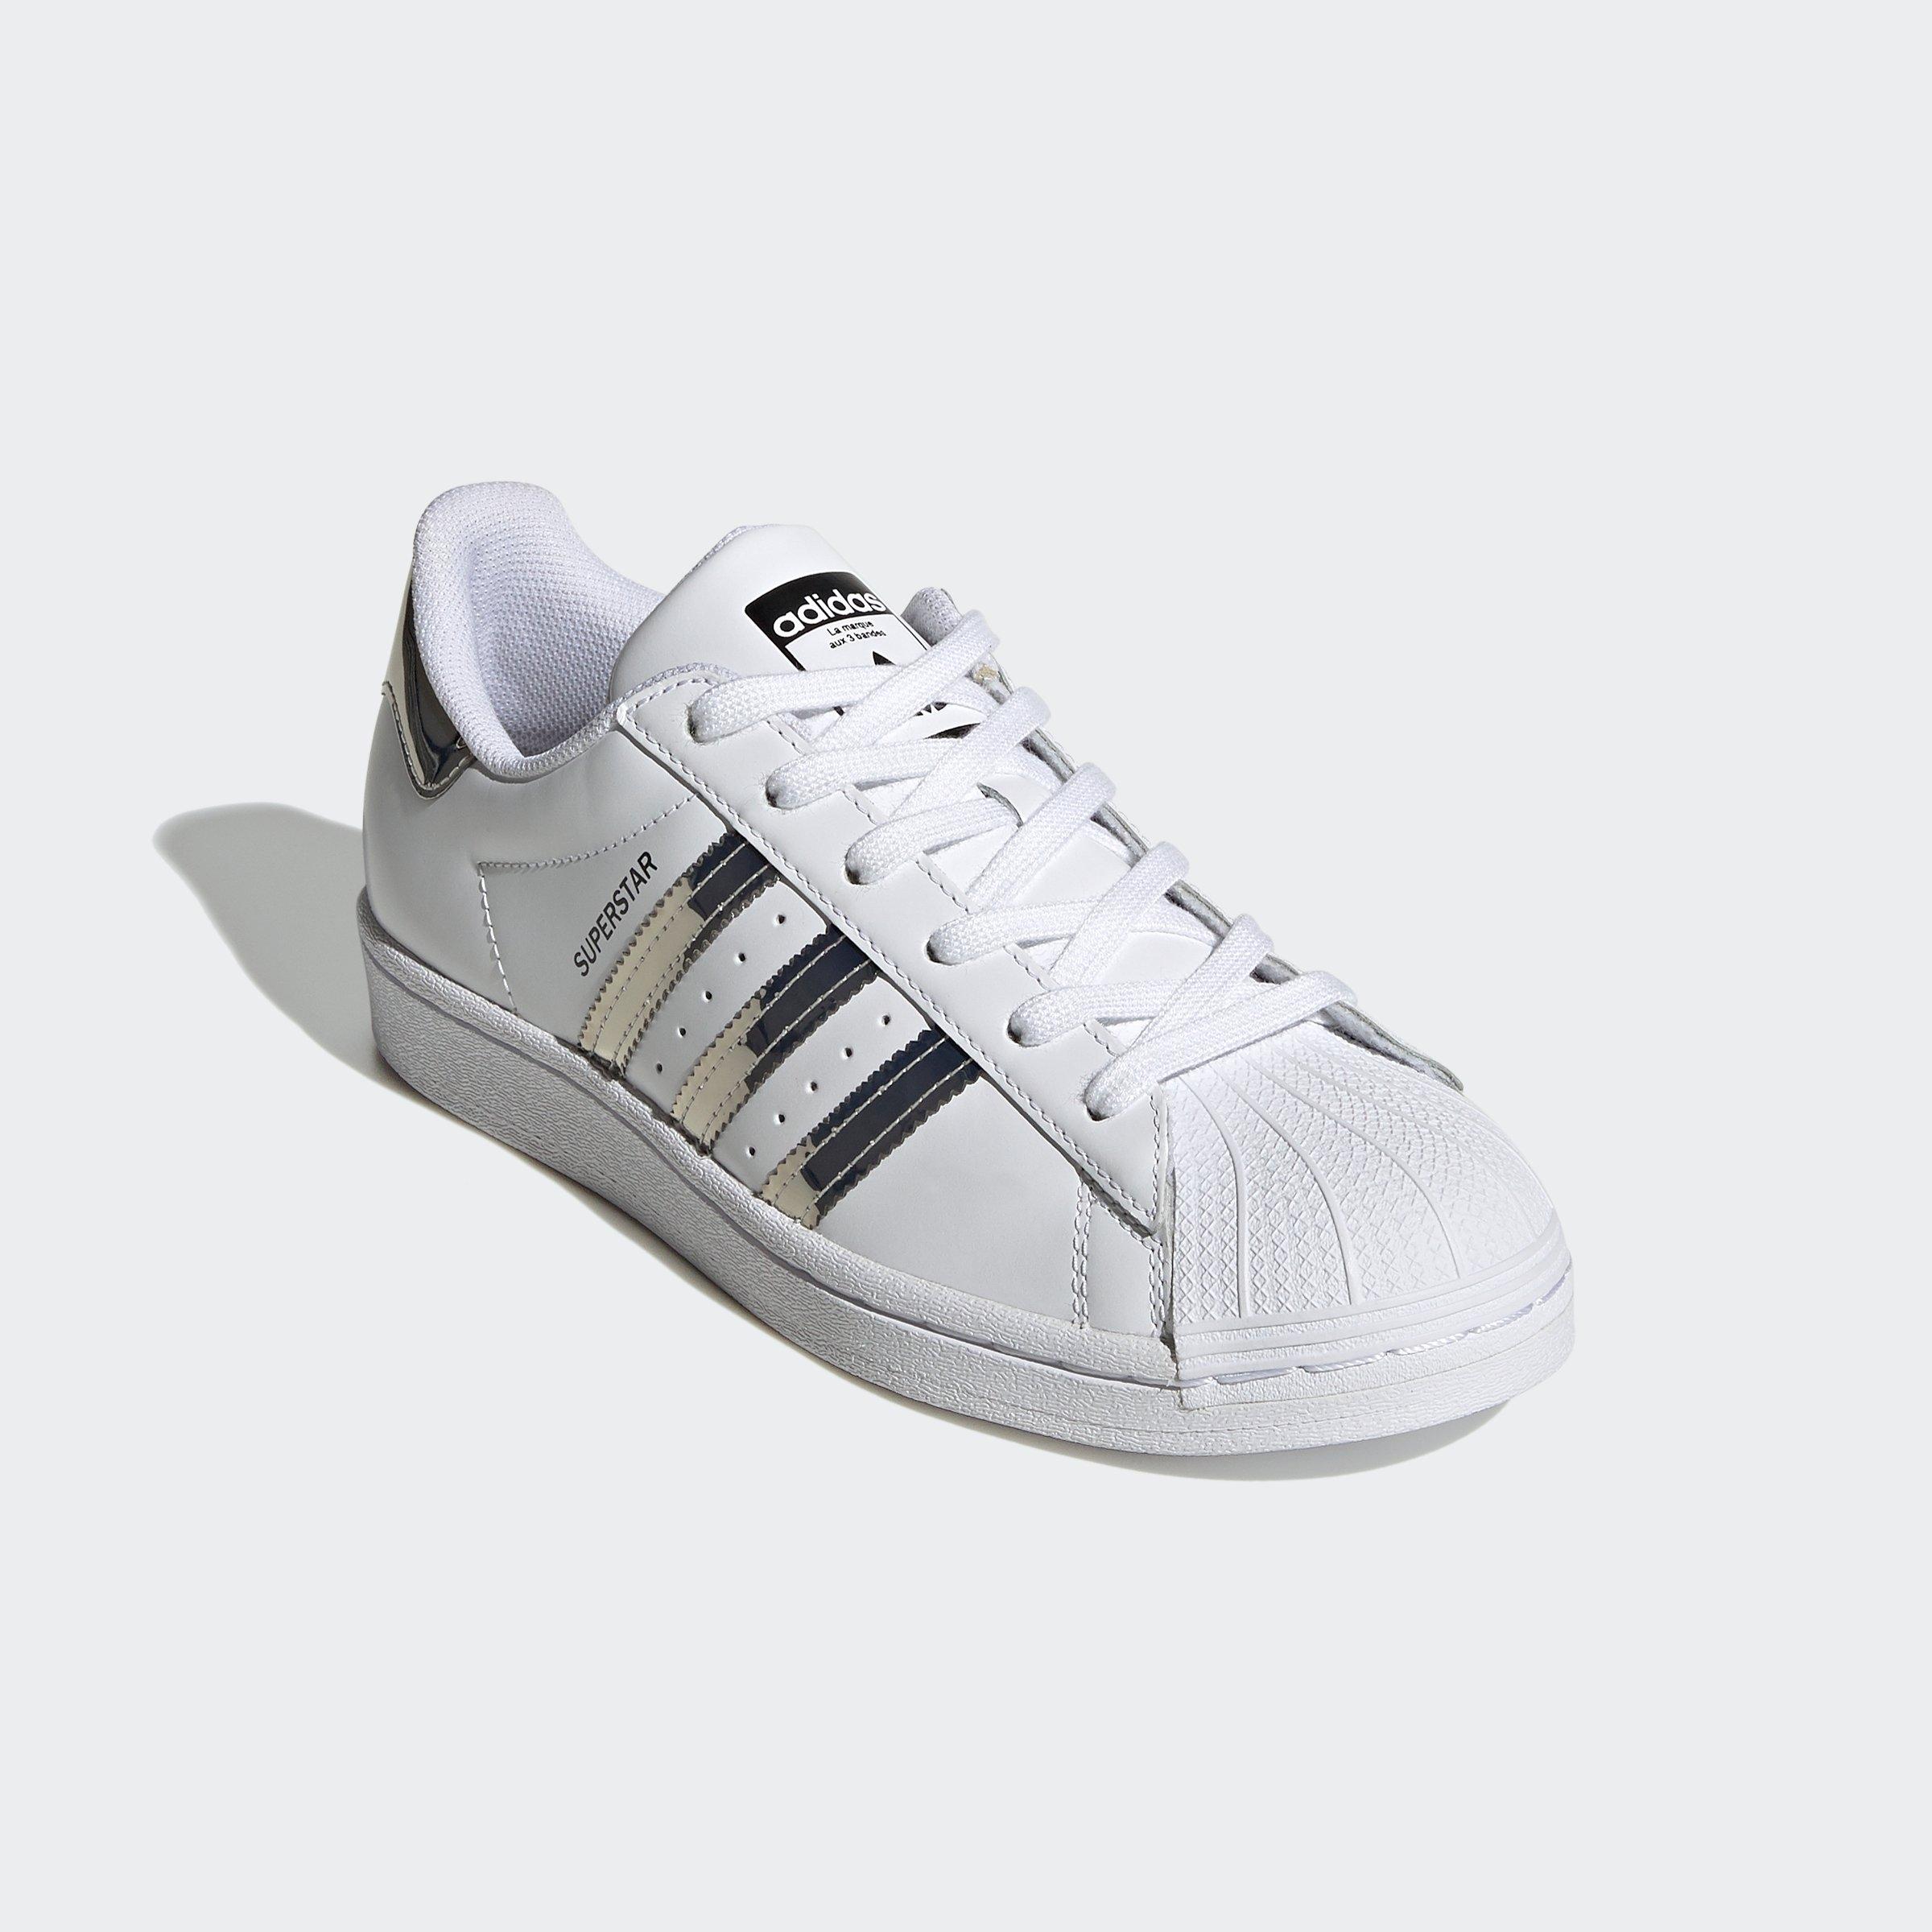 adidas Originals sneakers SUPERSTAR bestellen: 30 dagen bedenktijd